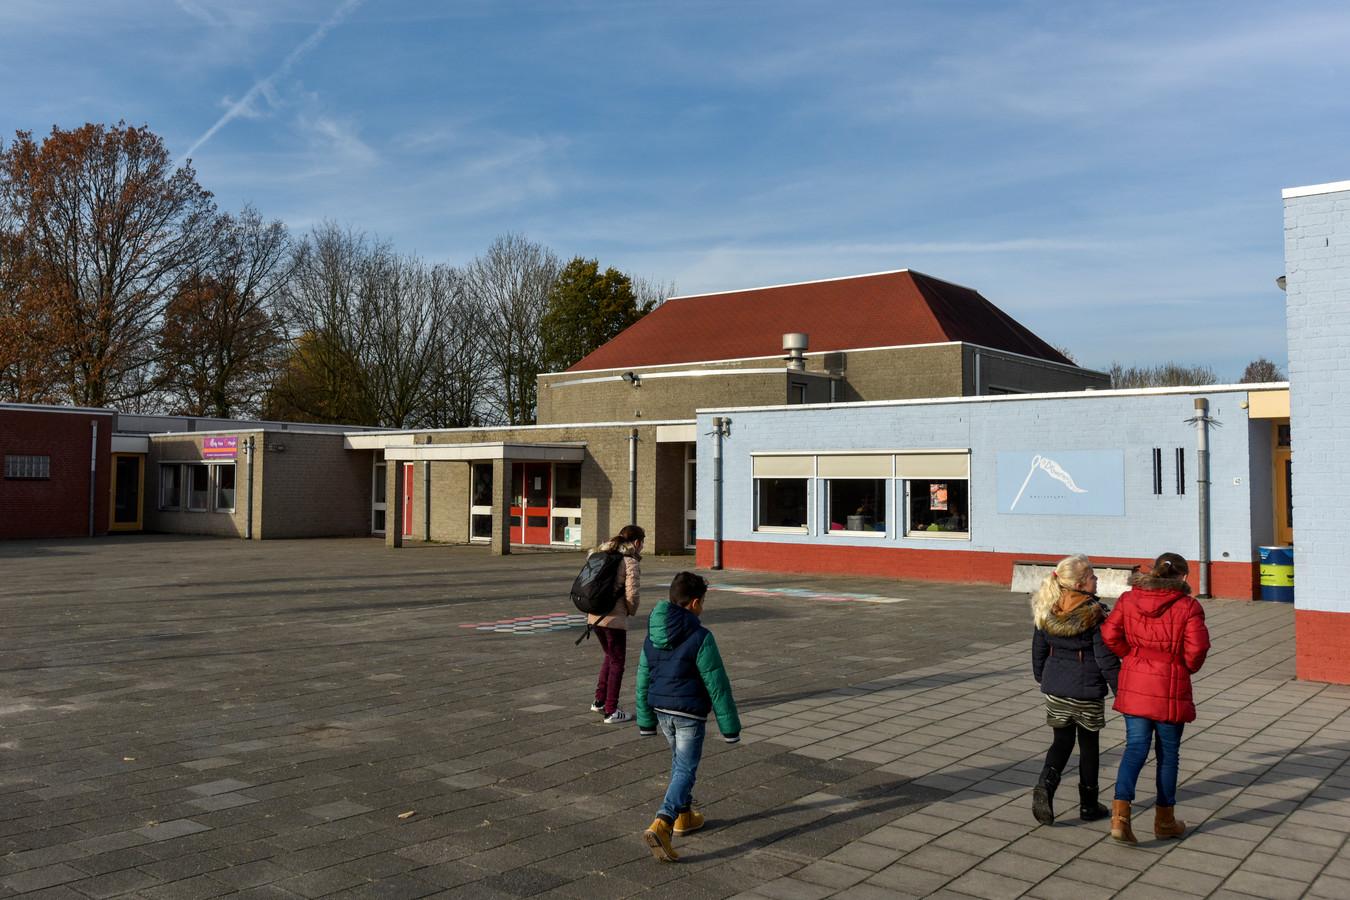 De Dromenvanger en De Leilinde, de twee basisscholen in Oudheusden die nieuwbouw krijgen.